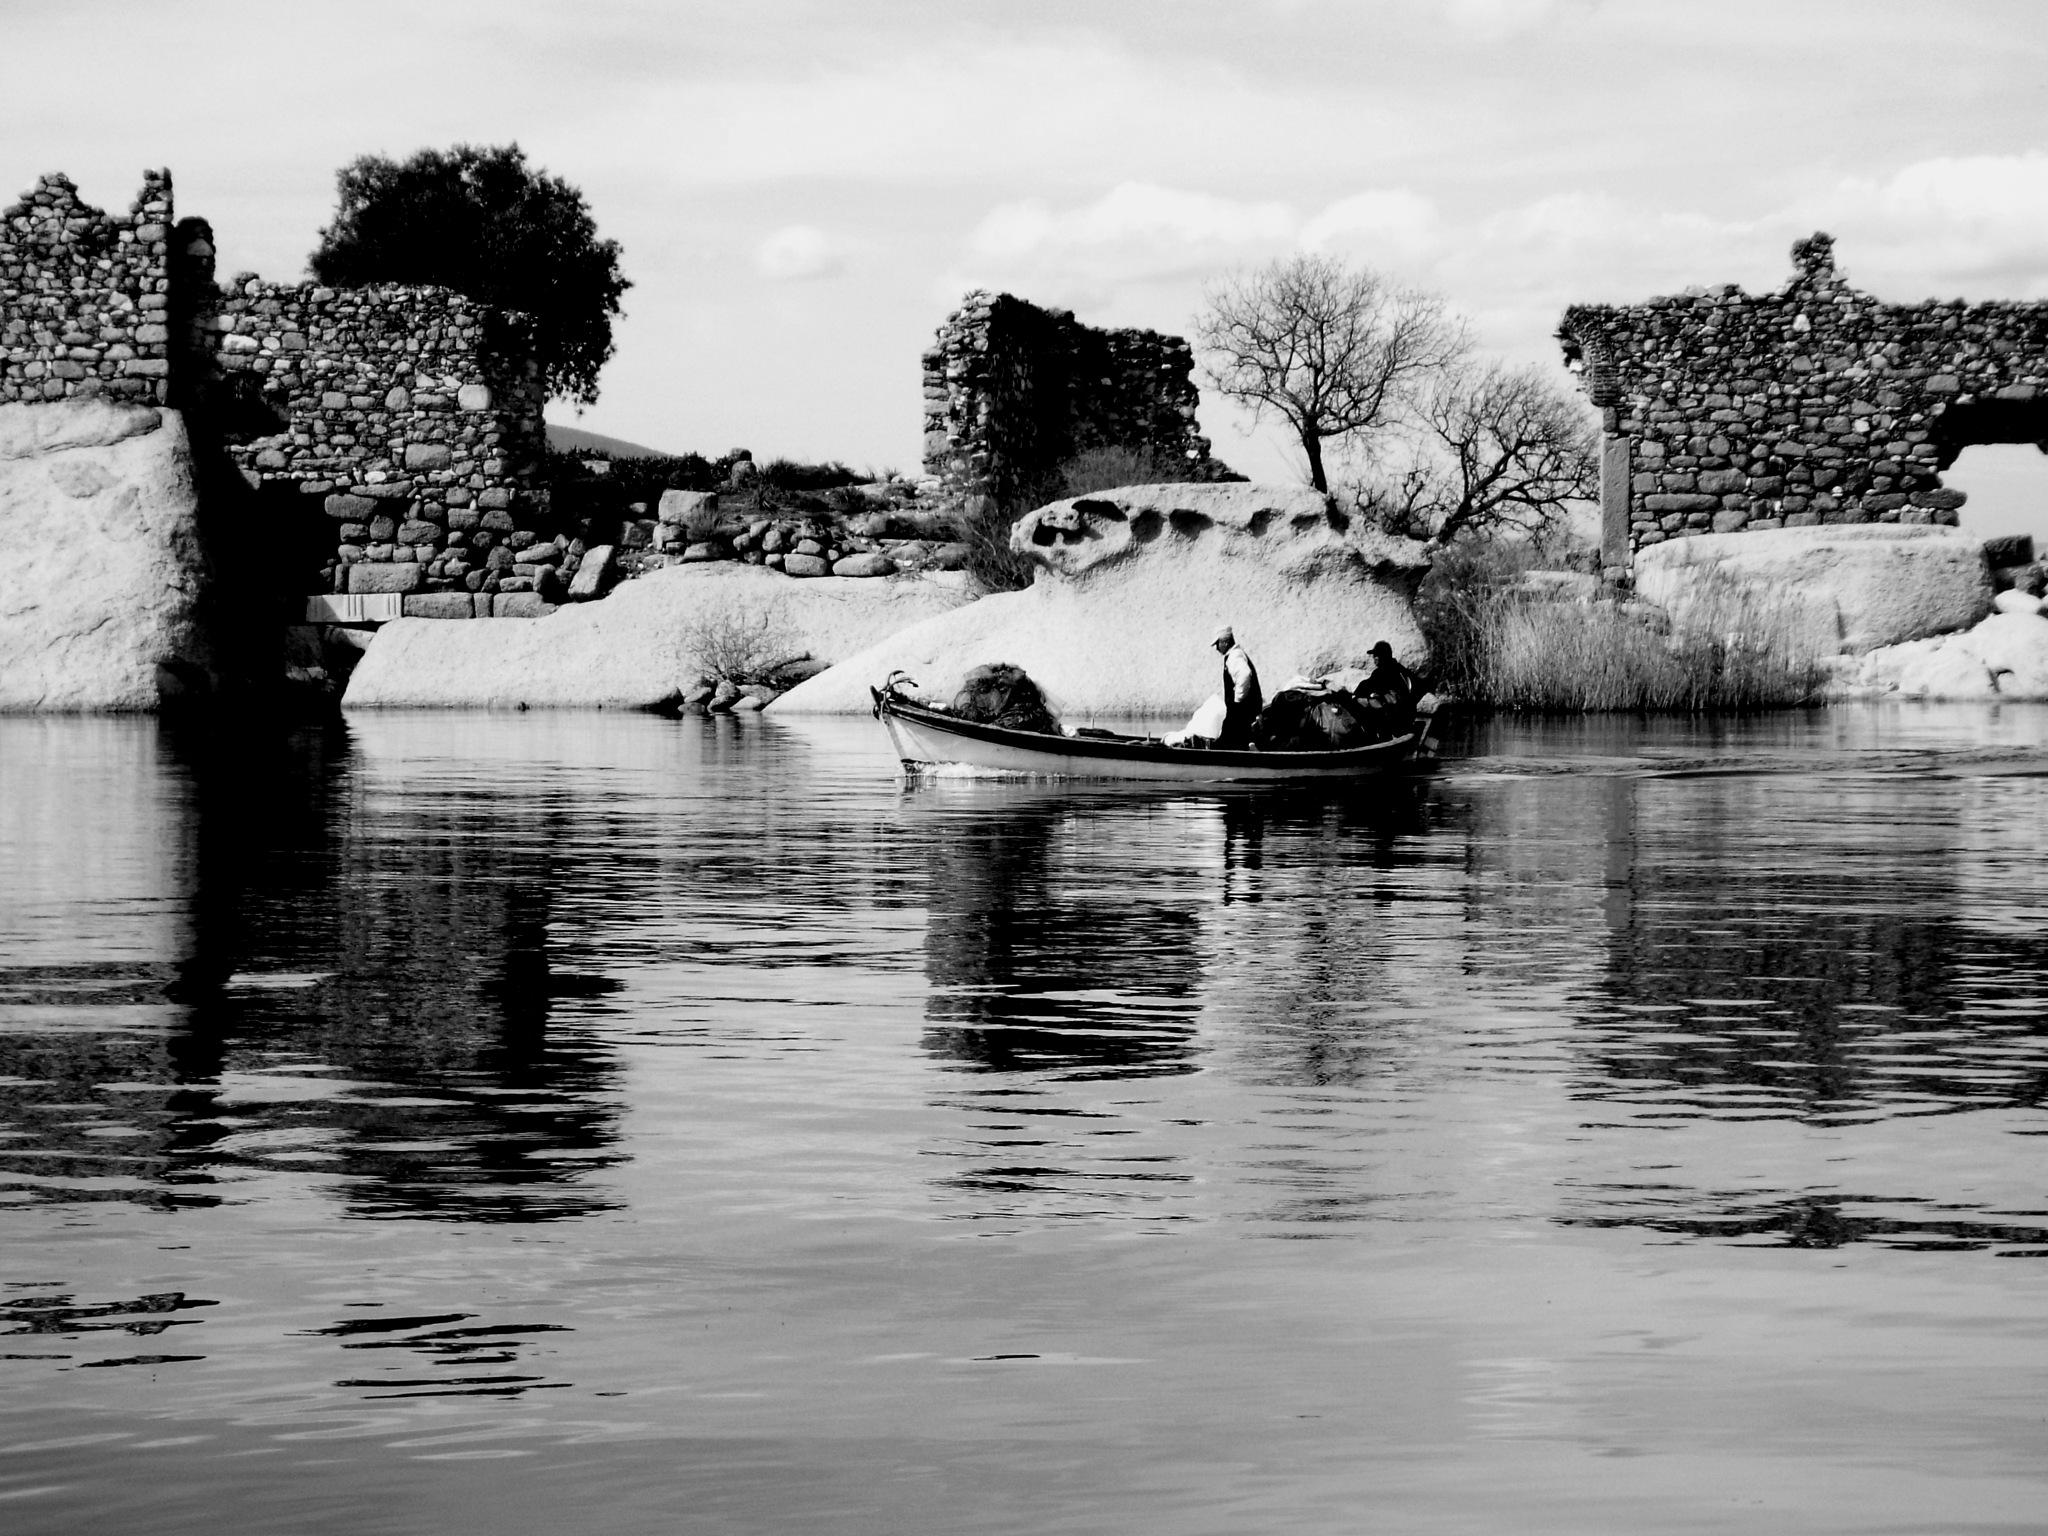 FISHERMEN GOING TO LAY THEIR NETS, BAFA LAKE B&W  by Akin Saner